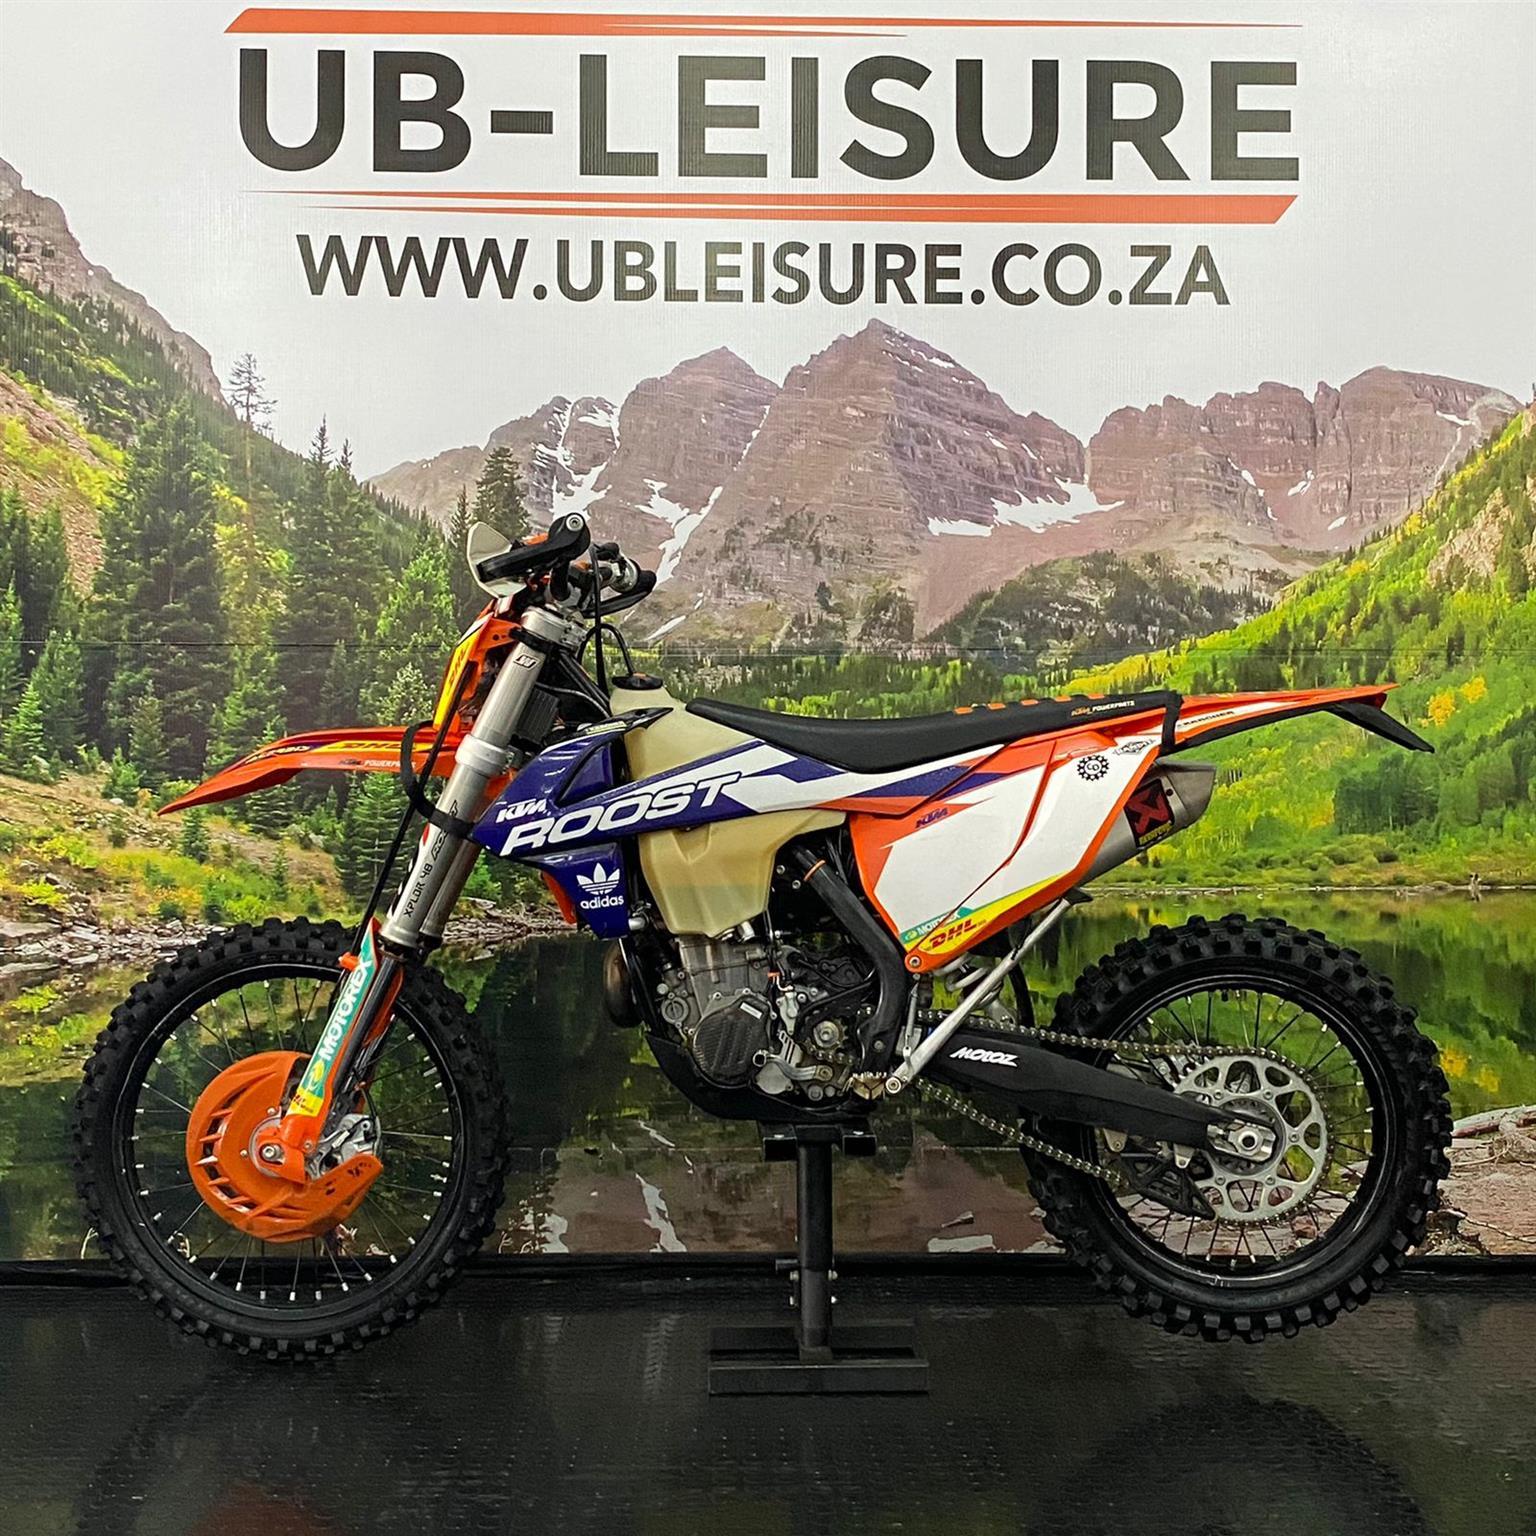 2017 KTM 450 | UB LEISURE